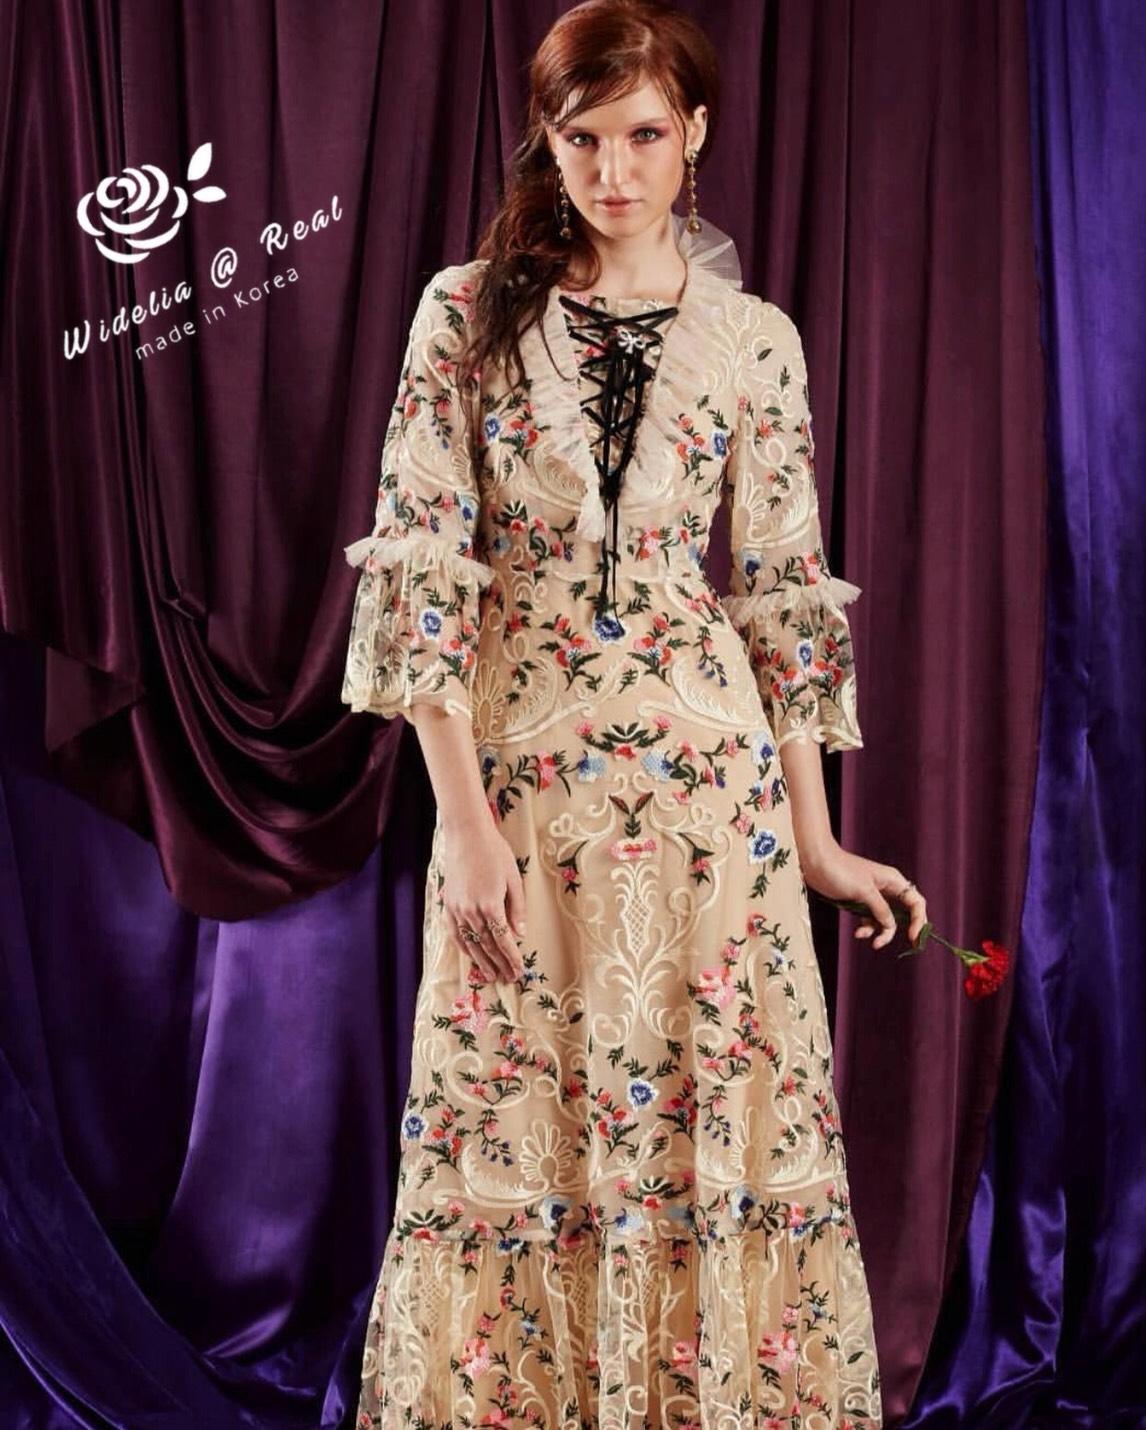 Maxi Dress ตัวยาวแสนสวย ชุดนี้สวยมากๆ